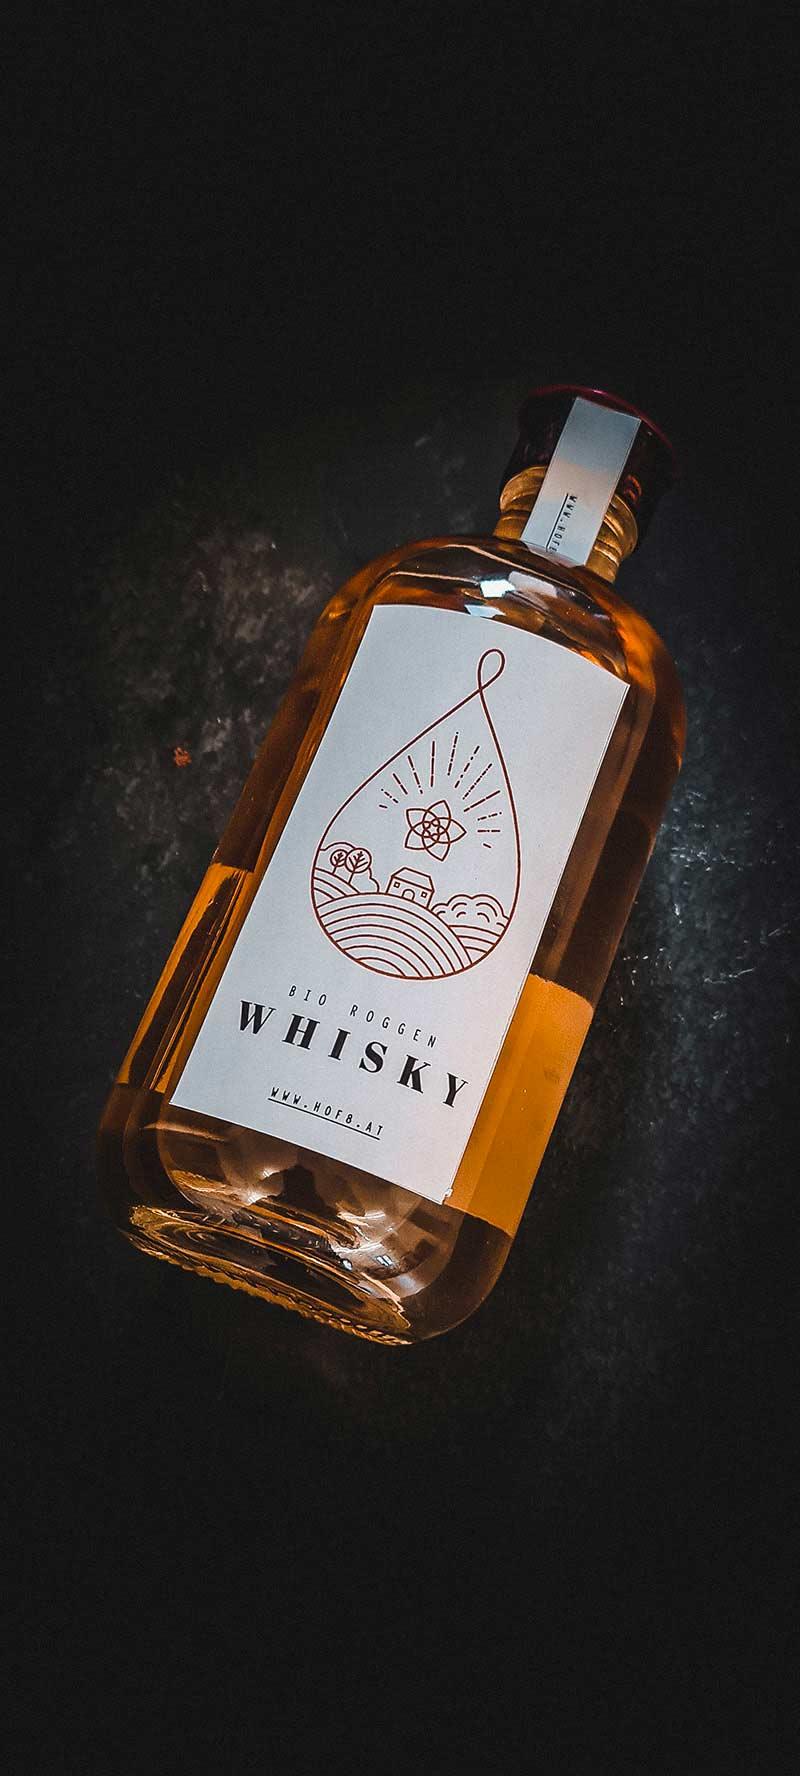 Hof8 Whisky